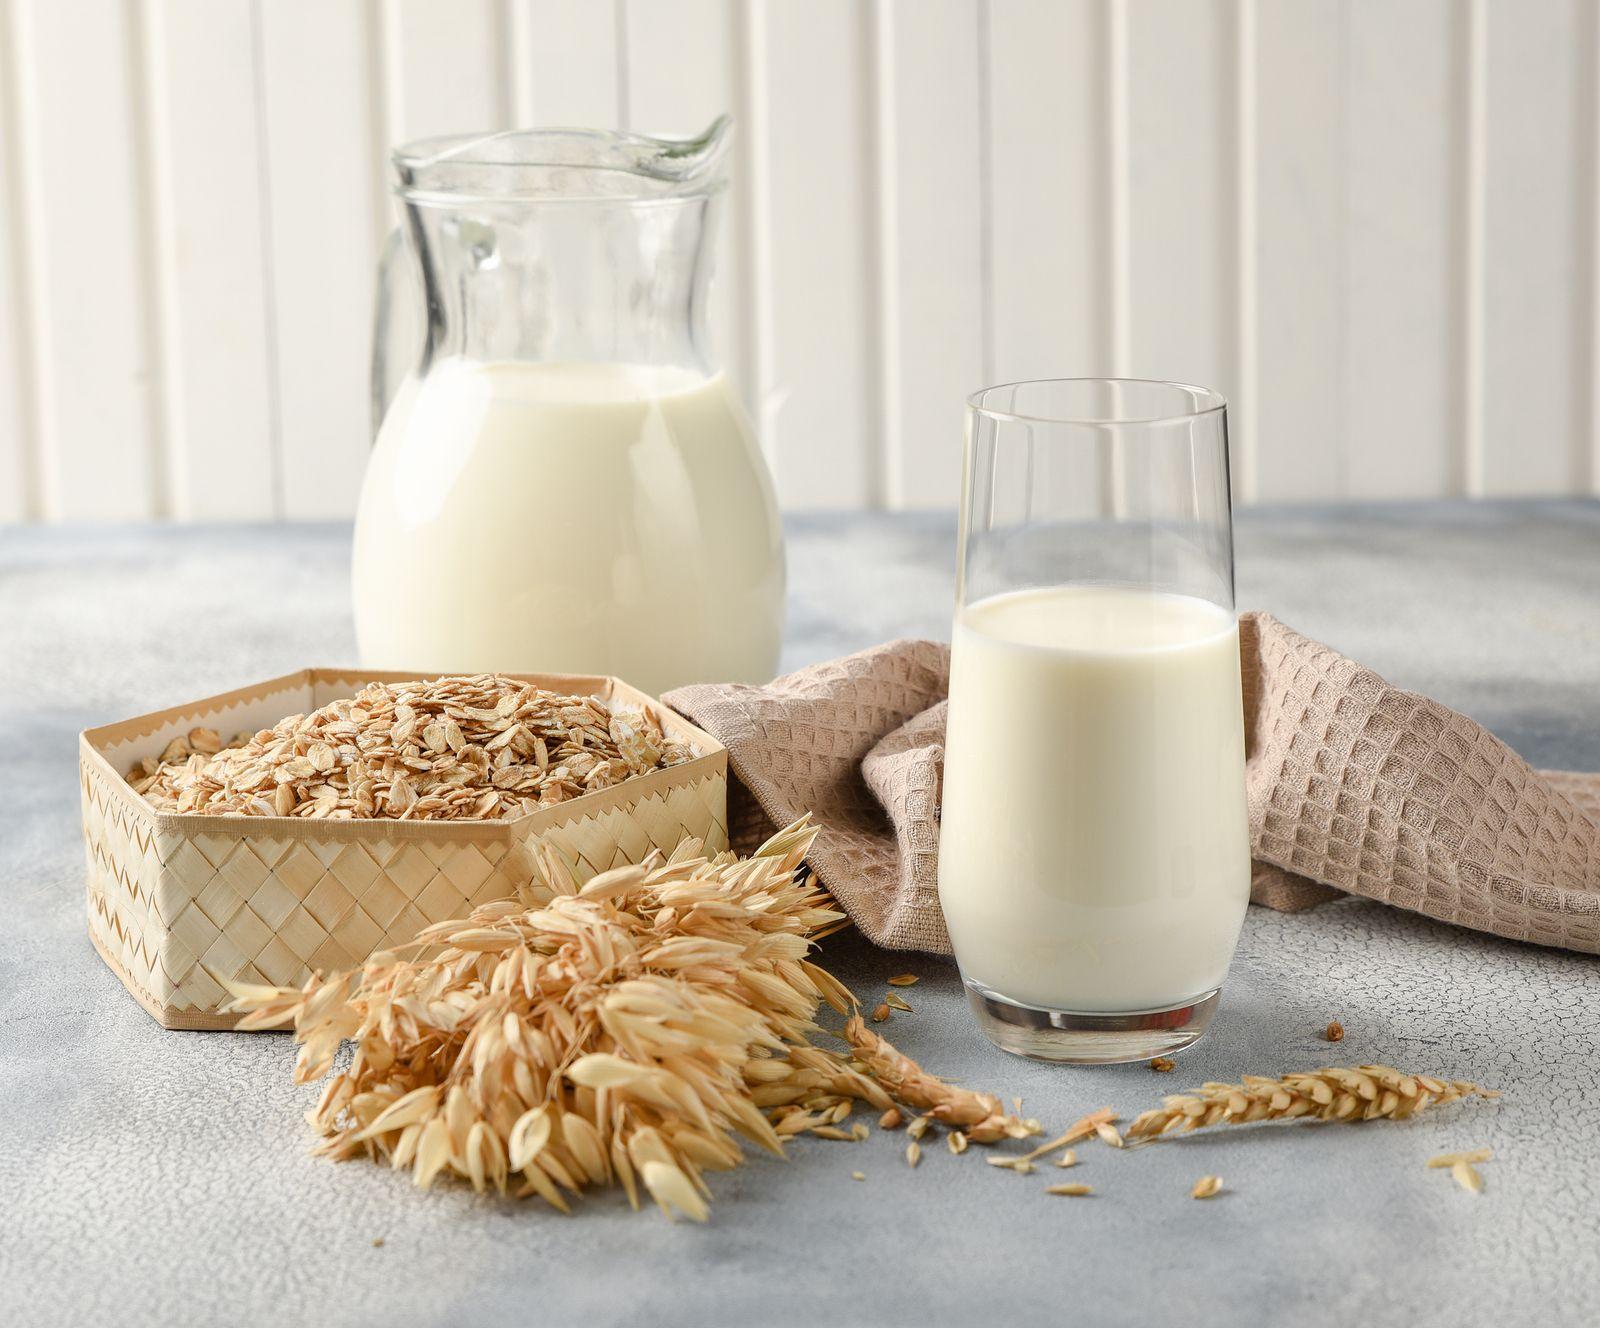 Es bueno sustituir la leche por bebidas vegetales